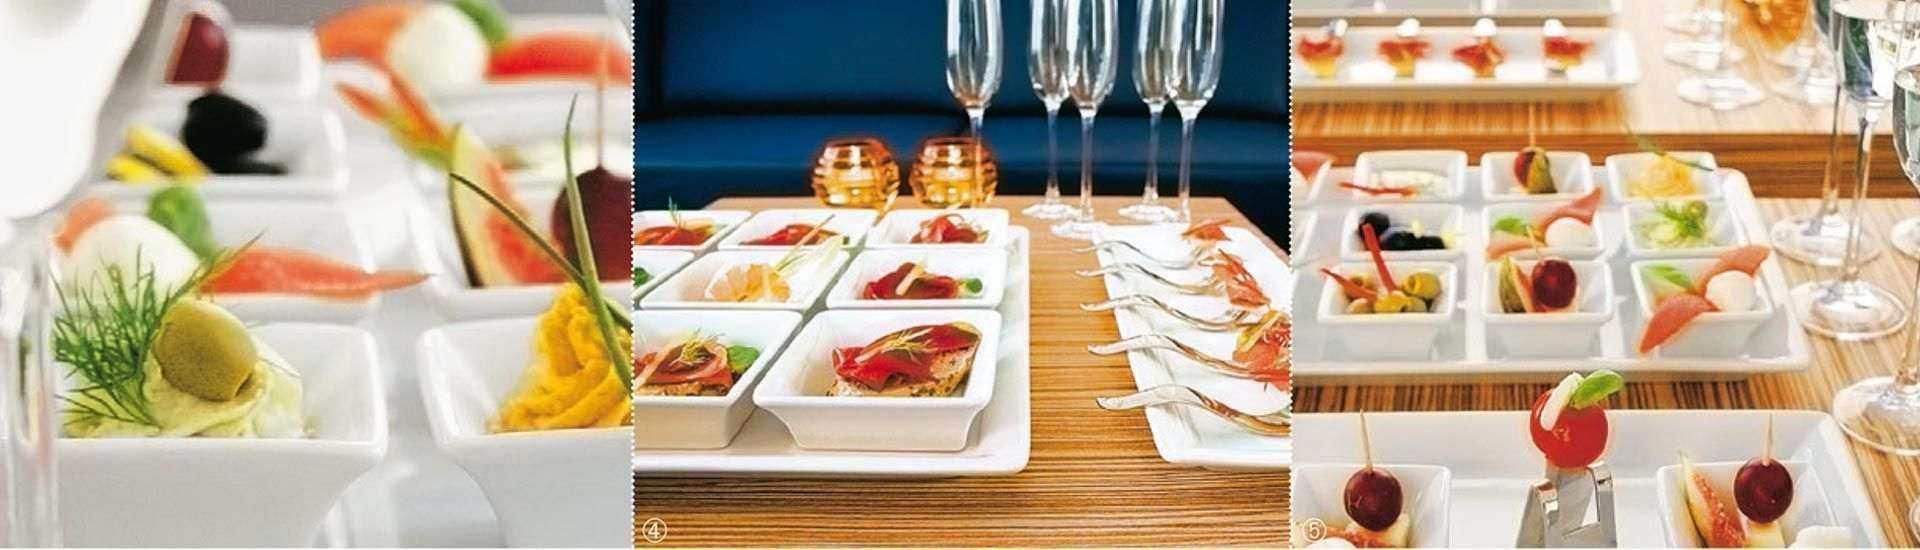 Seltmann Weiden Buffet Gourmet